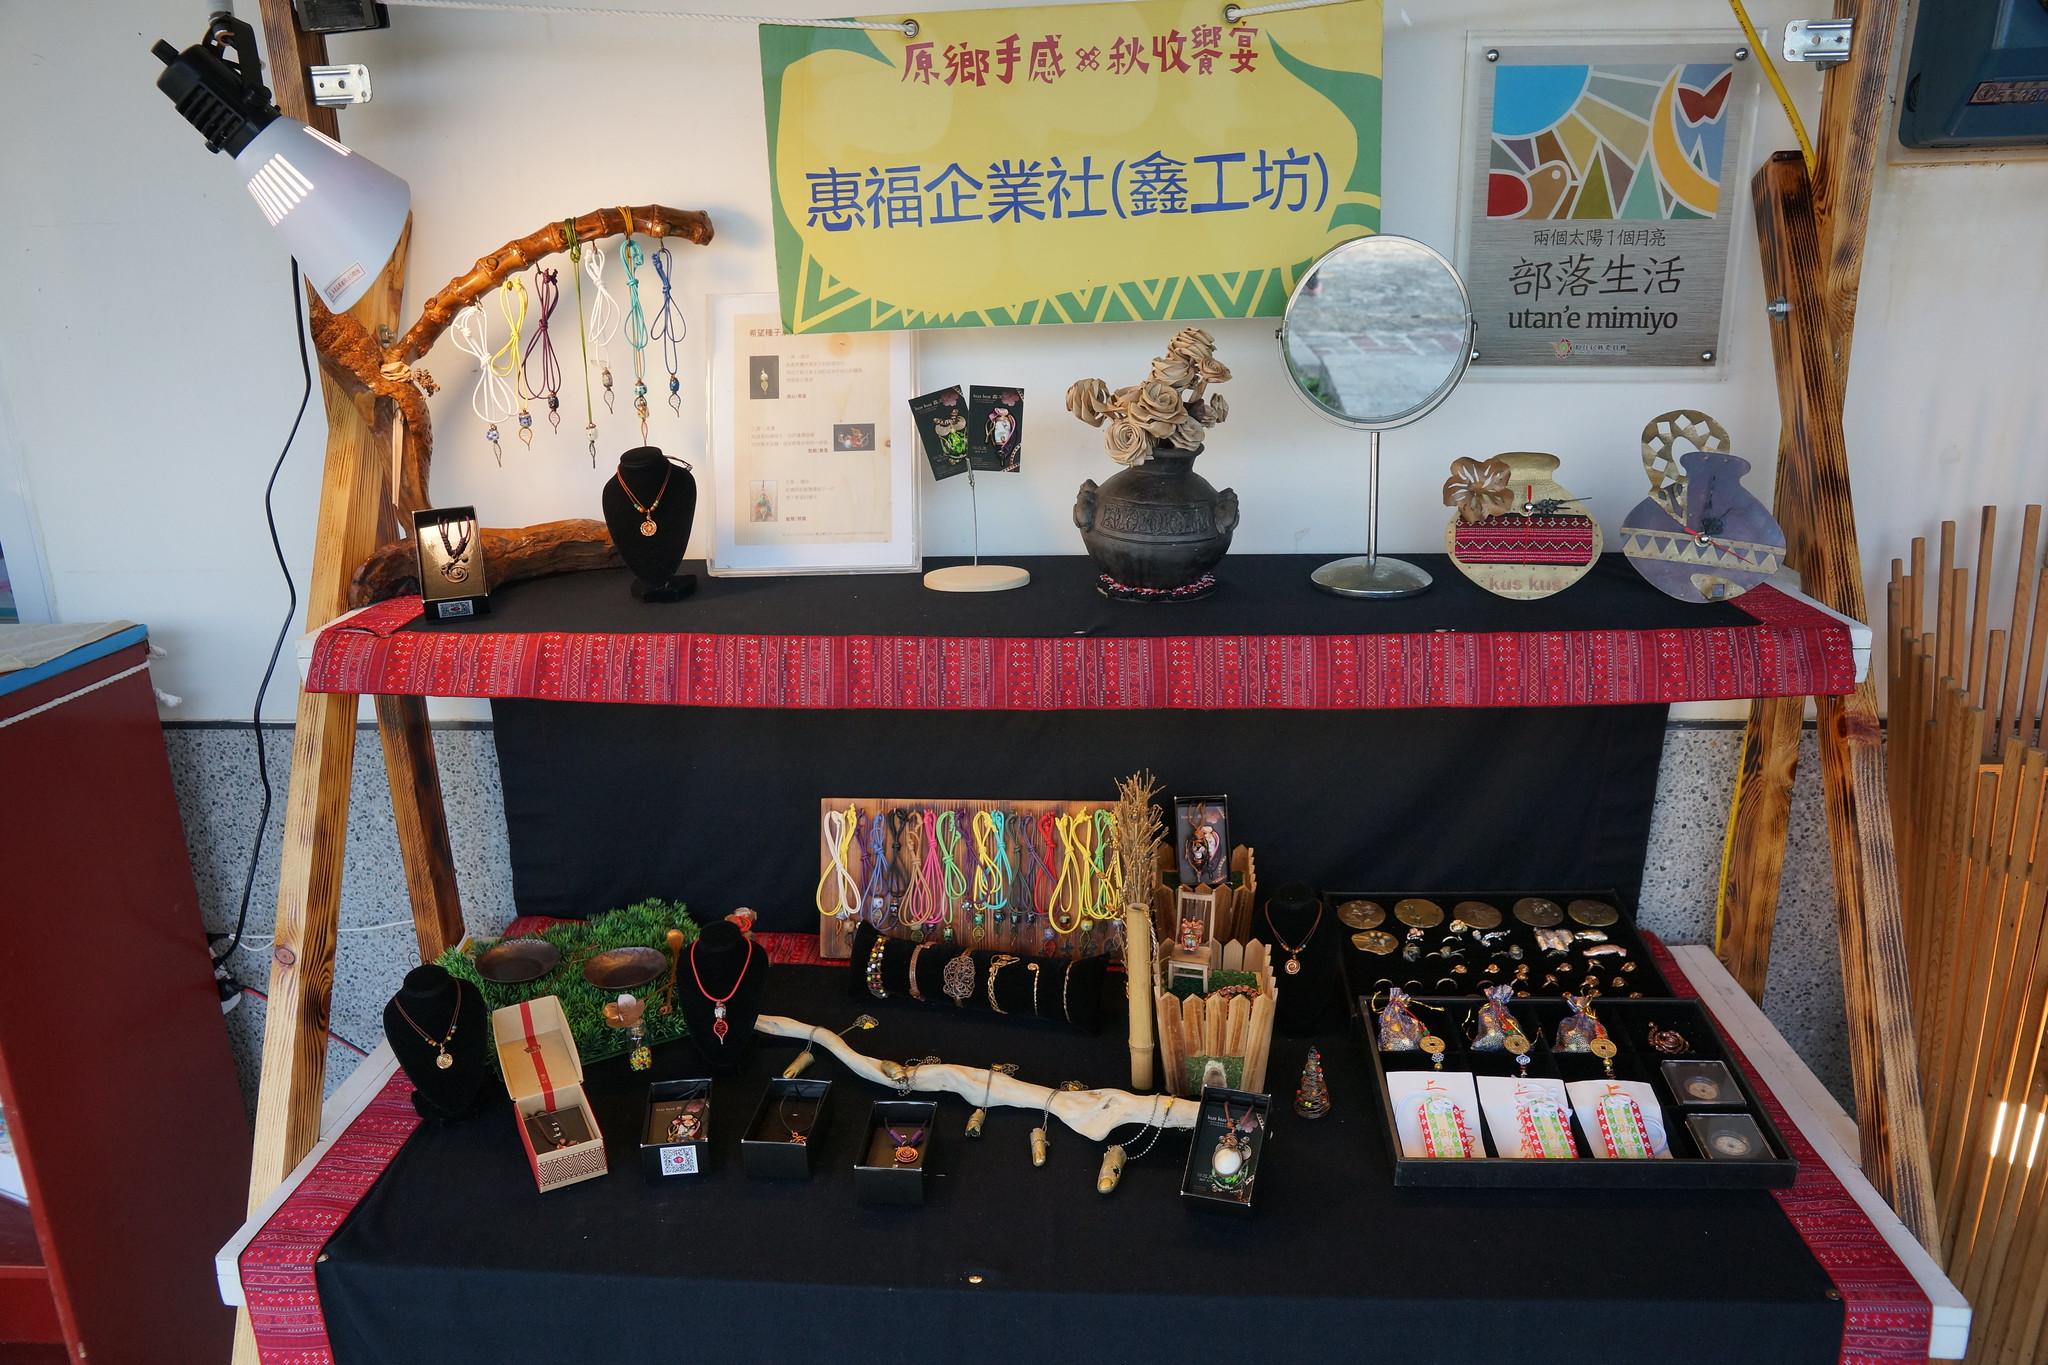 高士部落販賣的手工藝品,包含繡有「高士神社」字樣的御守。(攝影:王顥中)